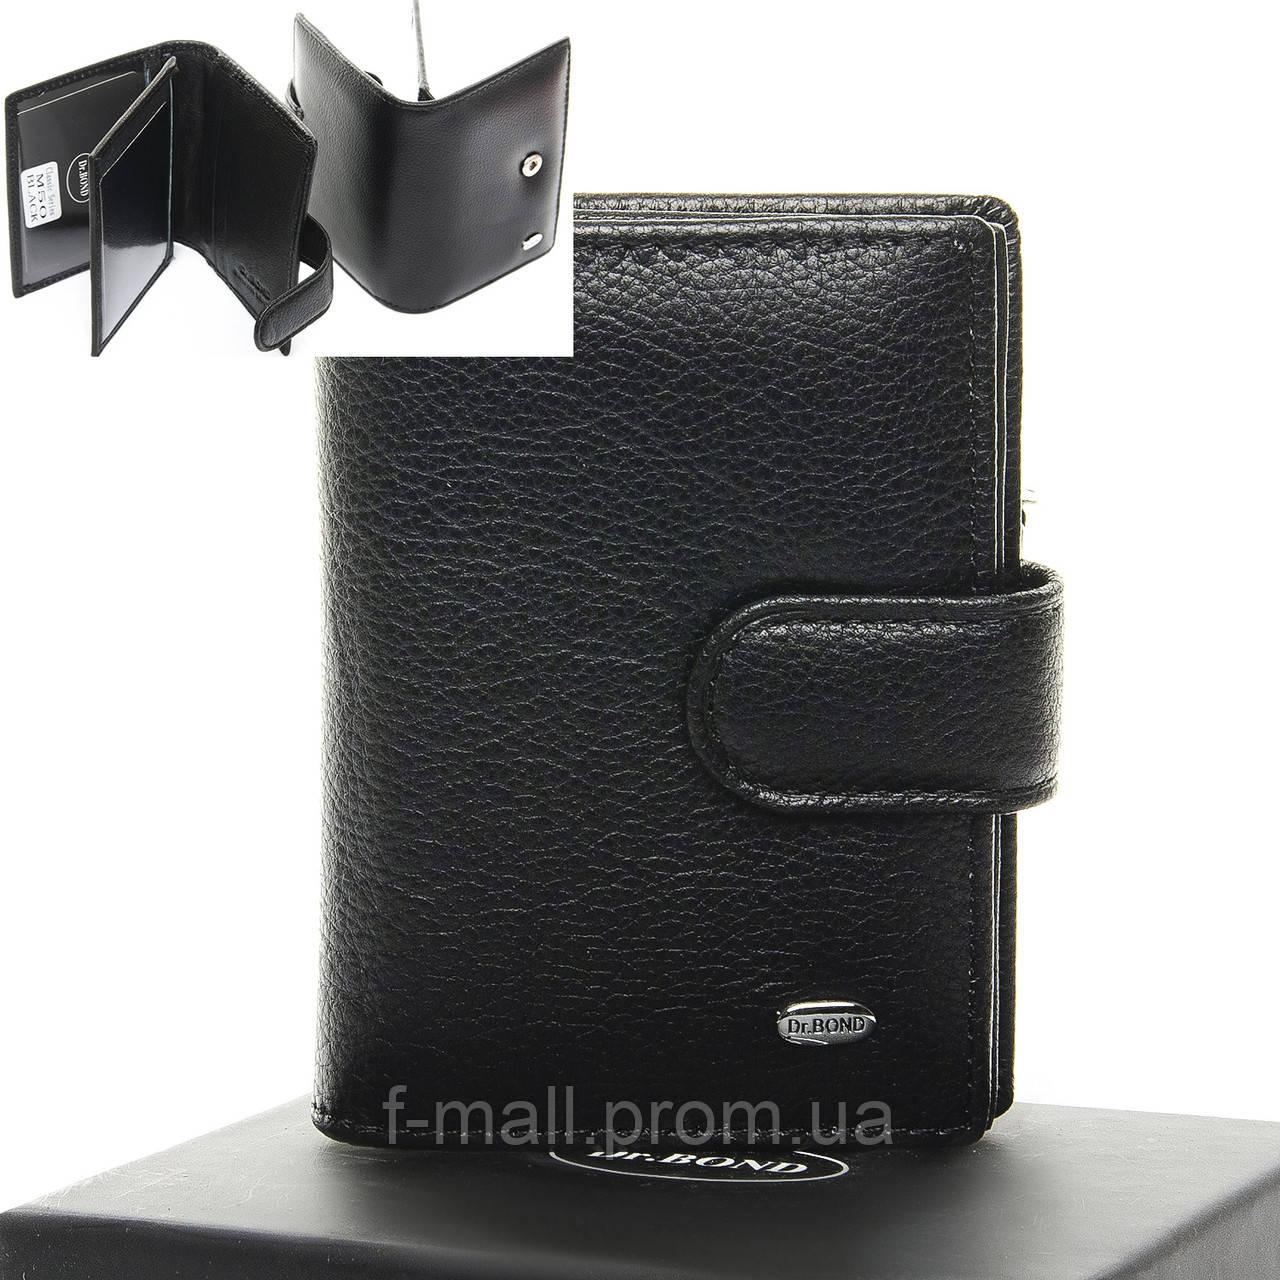 Кошелек мужской кожаный для прав DR. BOND черный (05-134)